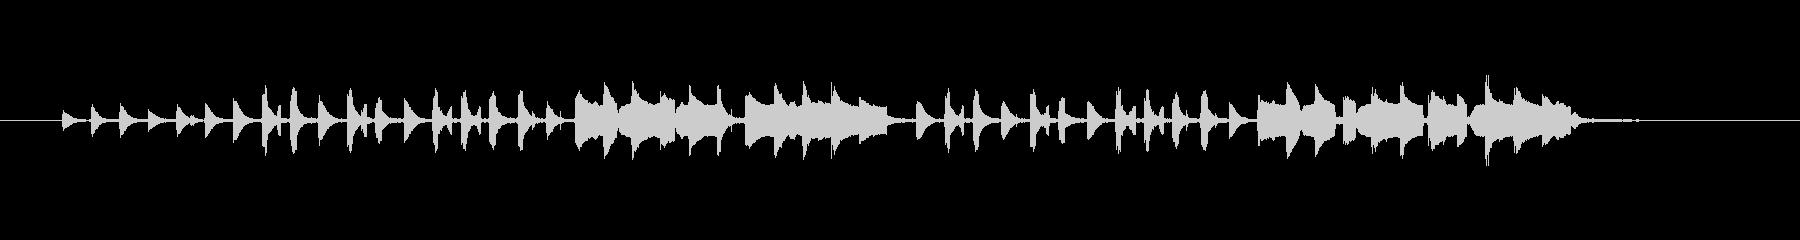 小物楽器使用 (クラベス・カスタネット…の未再生の波形